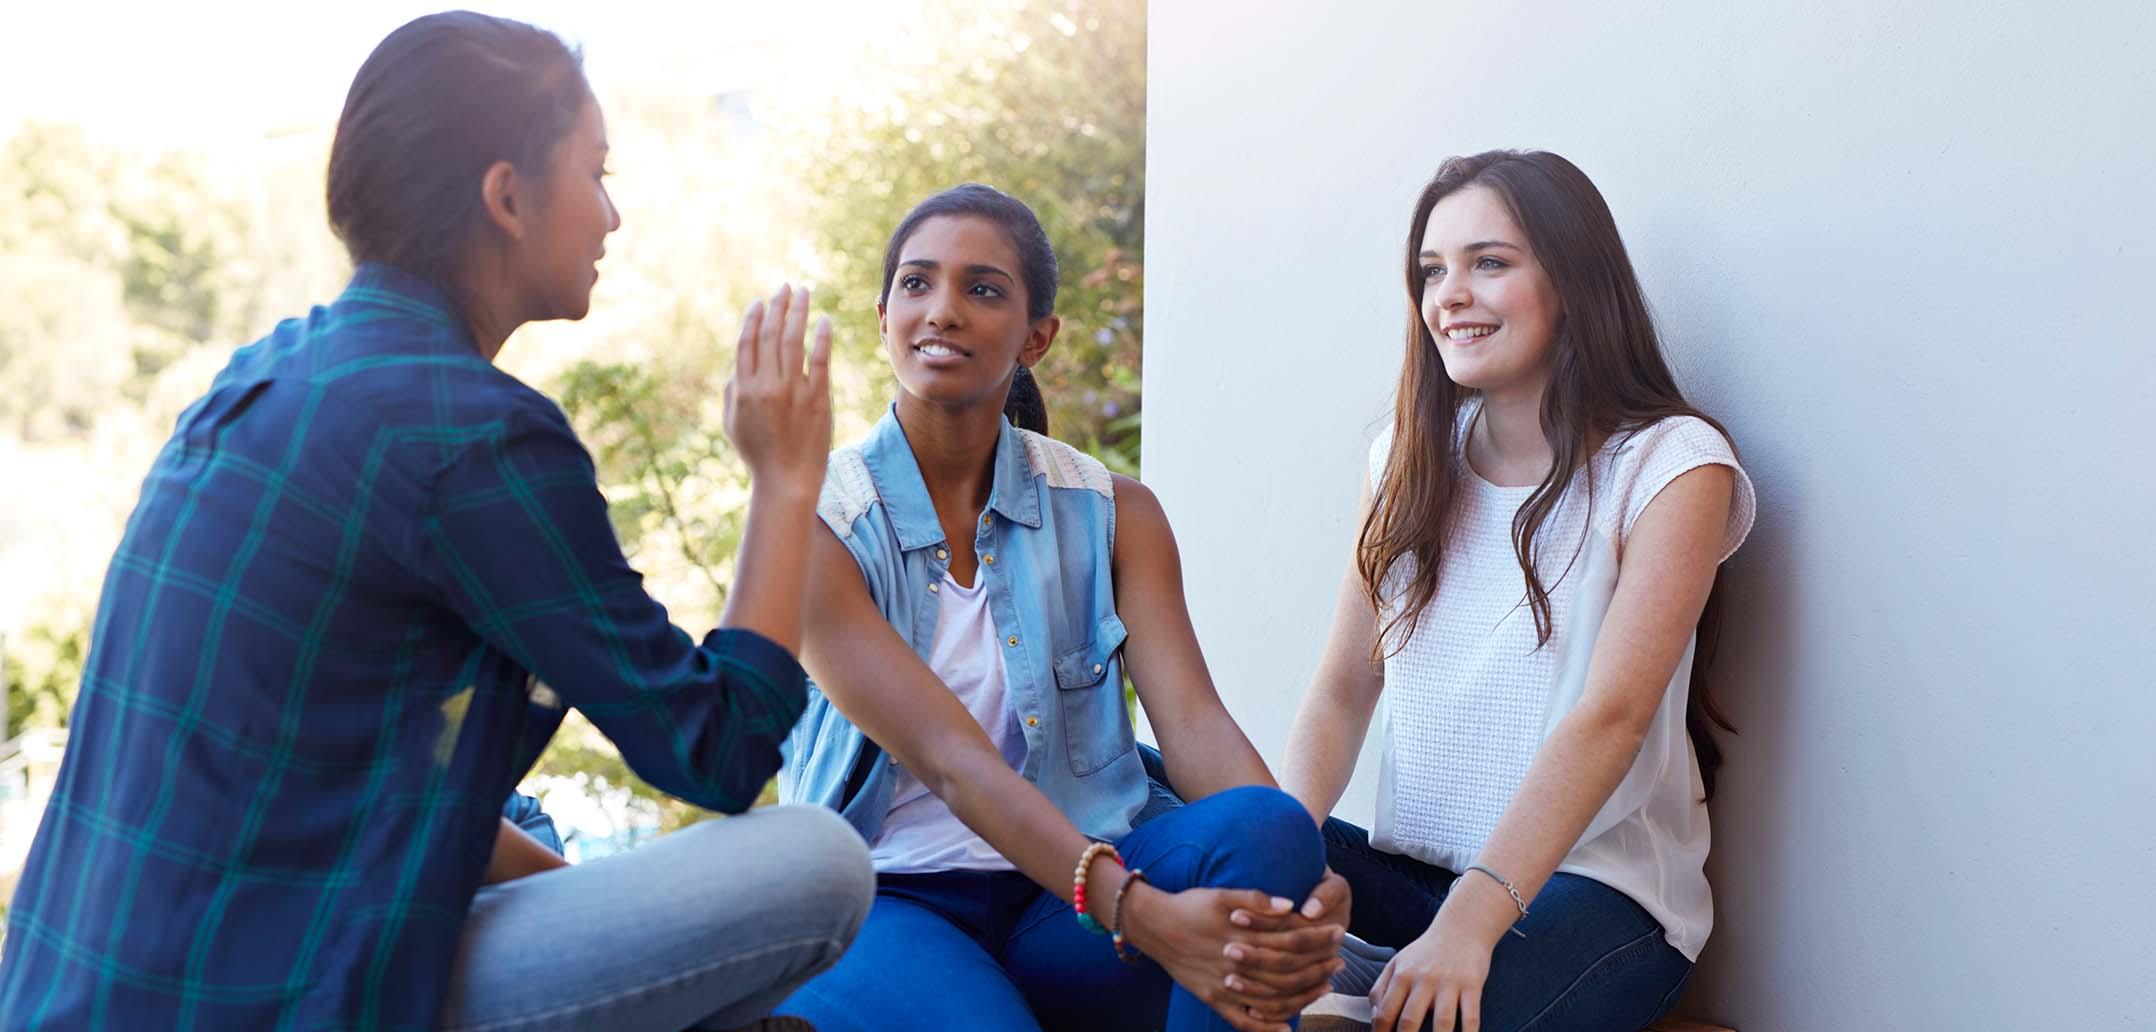 Frauen kommunizieren besser